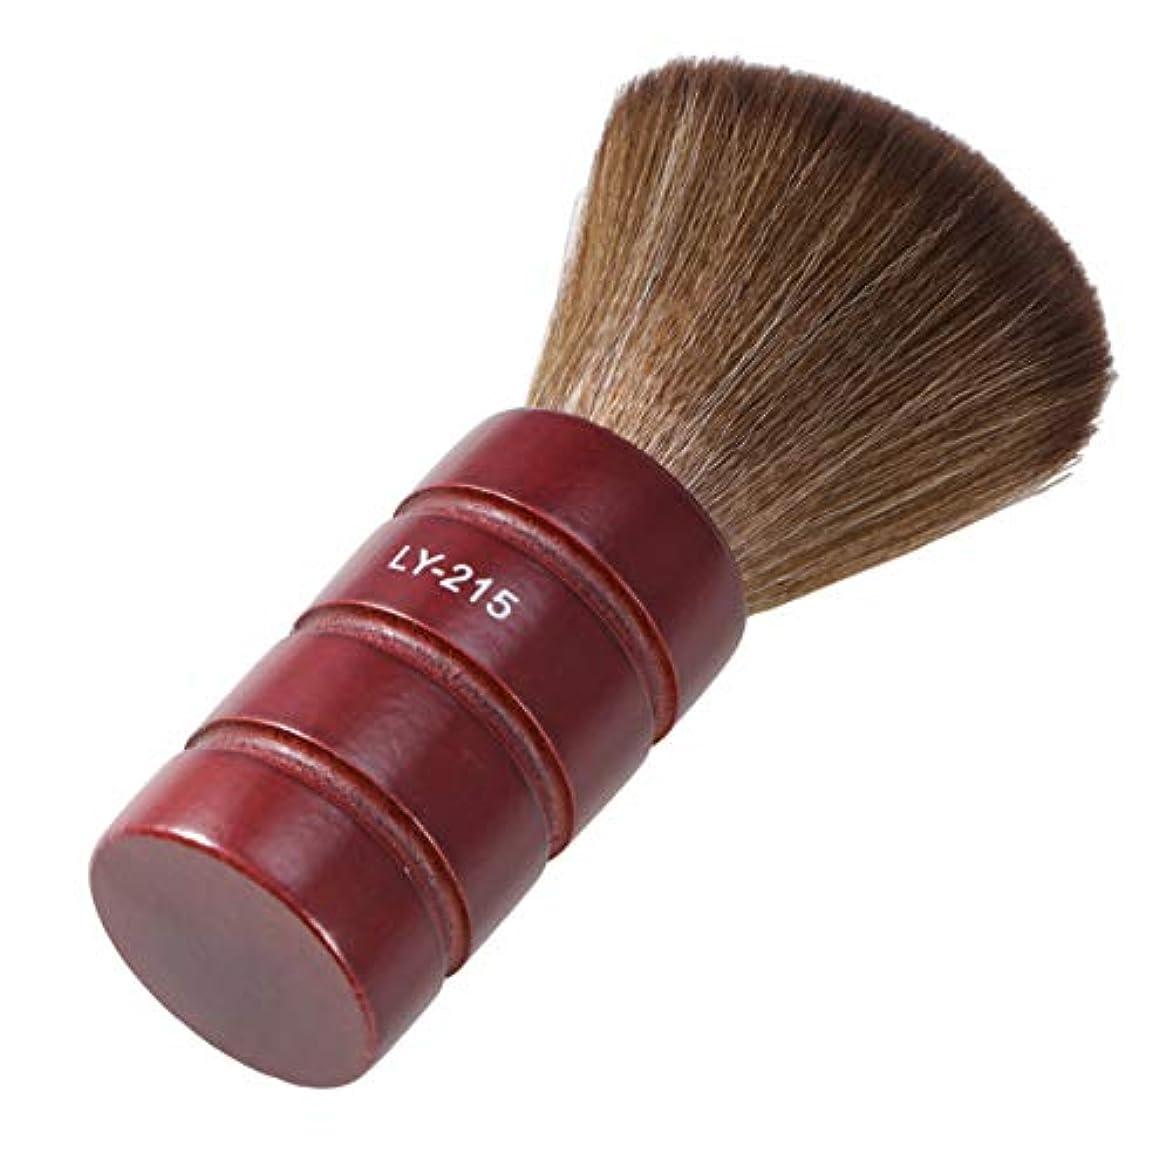 ピストン頻繁に子孫Lurroseプロフェッショナルヘアカットブラシソフトファイバーフェイスネックダスターブラシ理髪サロン理容ツール